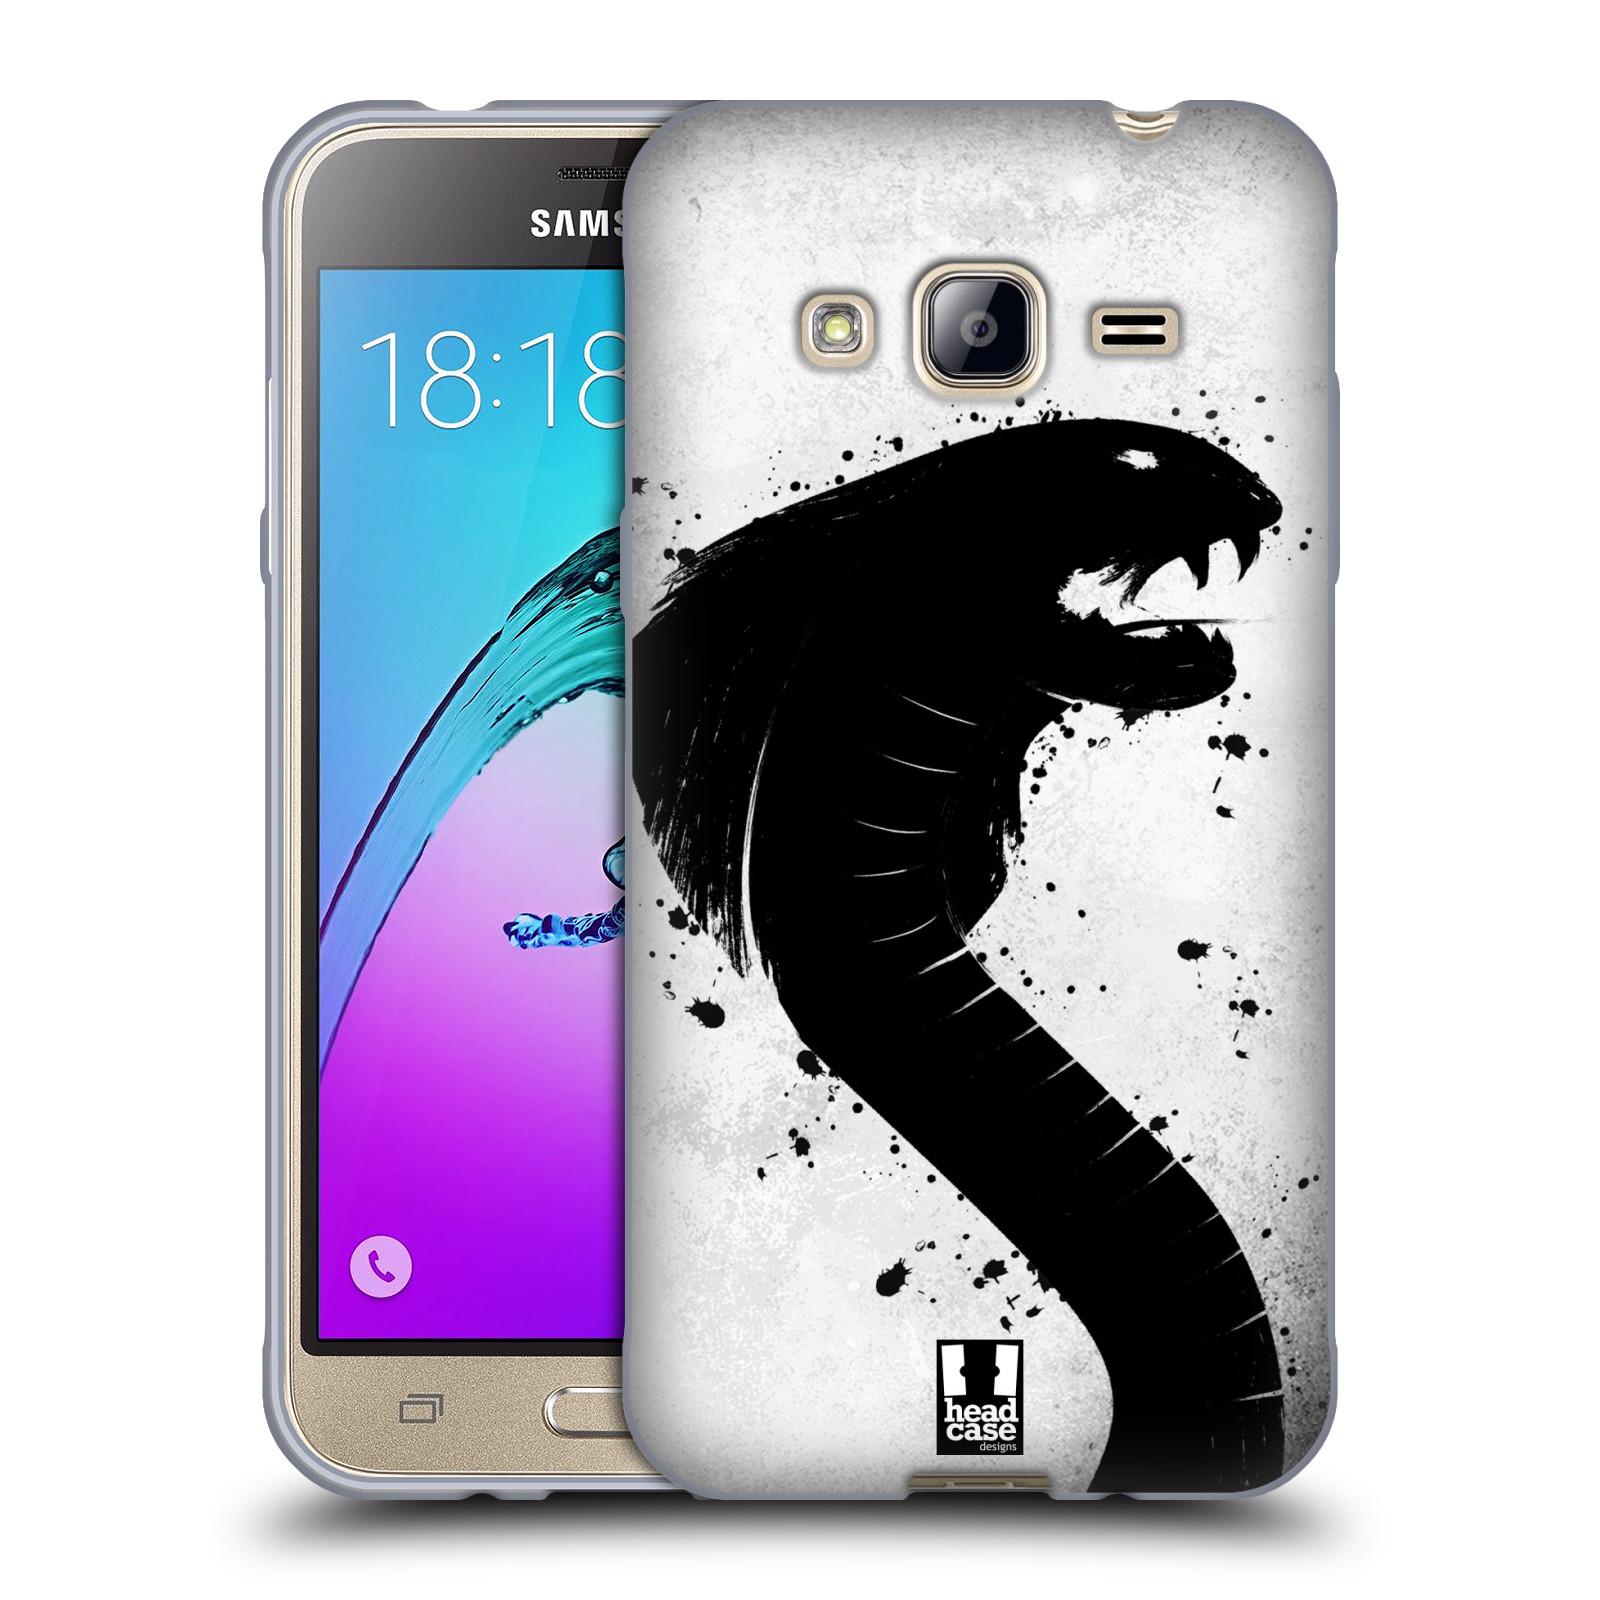 HEAD CASE silikonový obal na mobil Samsung Galaxy J3, J3 2016 vzor Kresba tuš zvíře had kobra